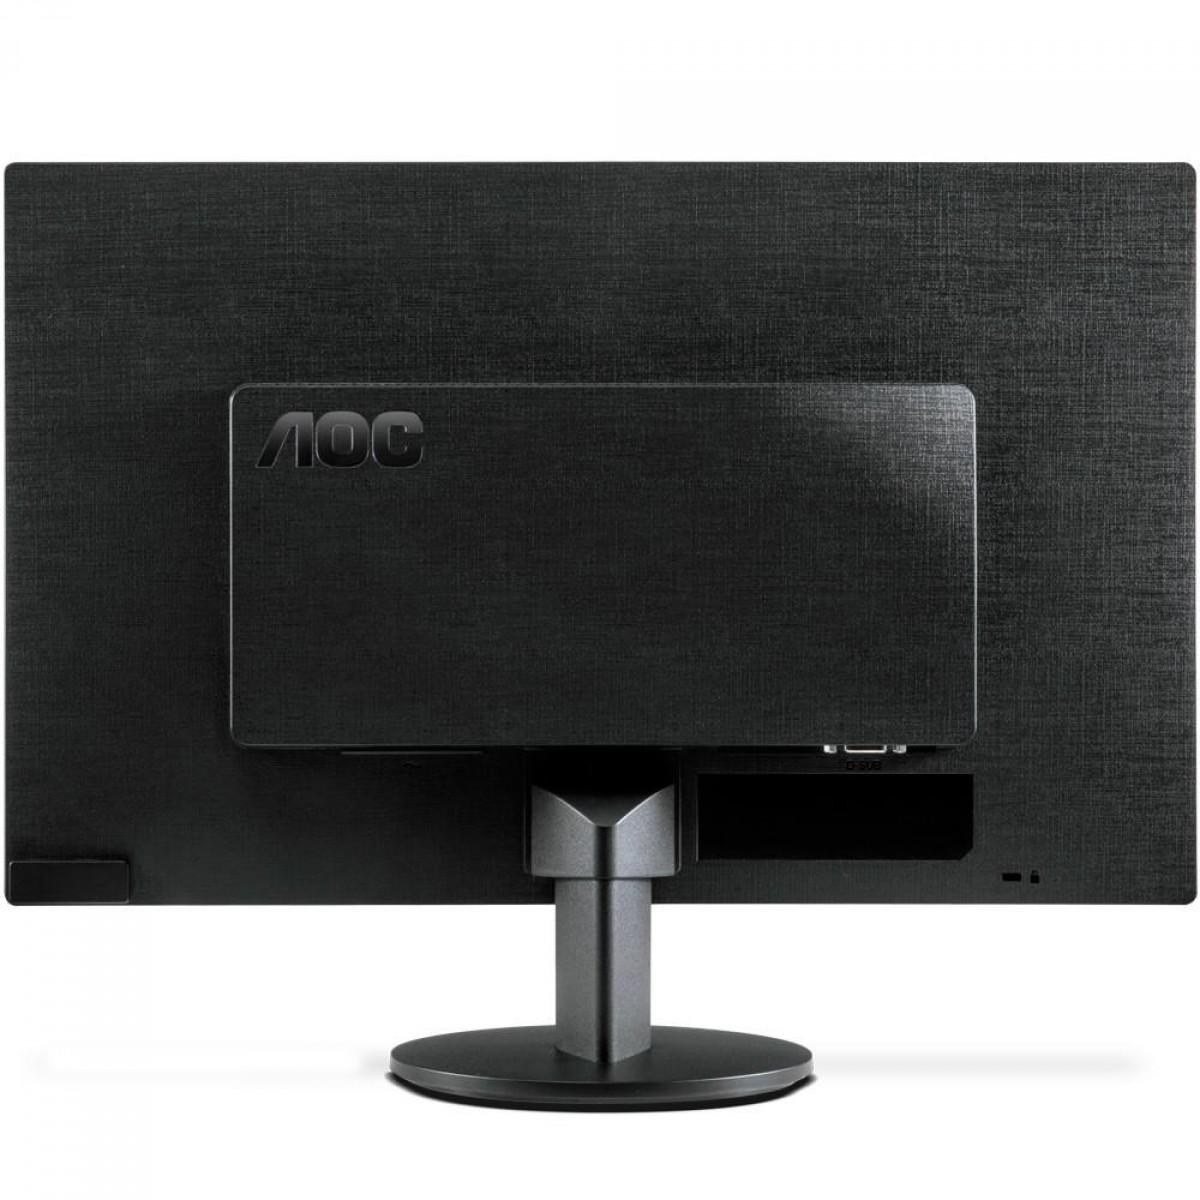 Monitor LED 18.5 HDMI/VGA 5ms E970SWHNL - AOC